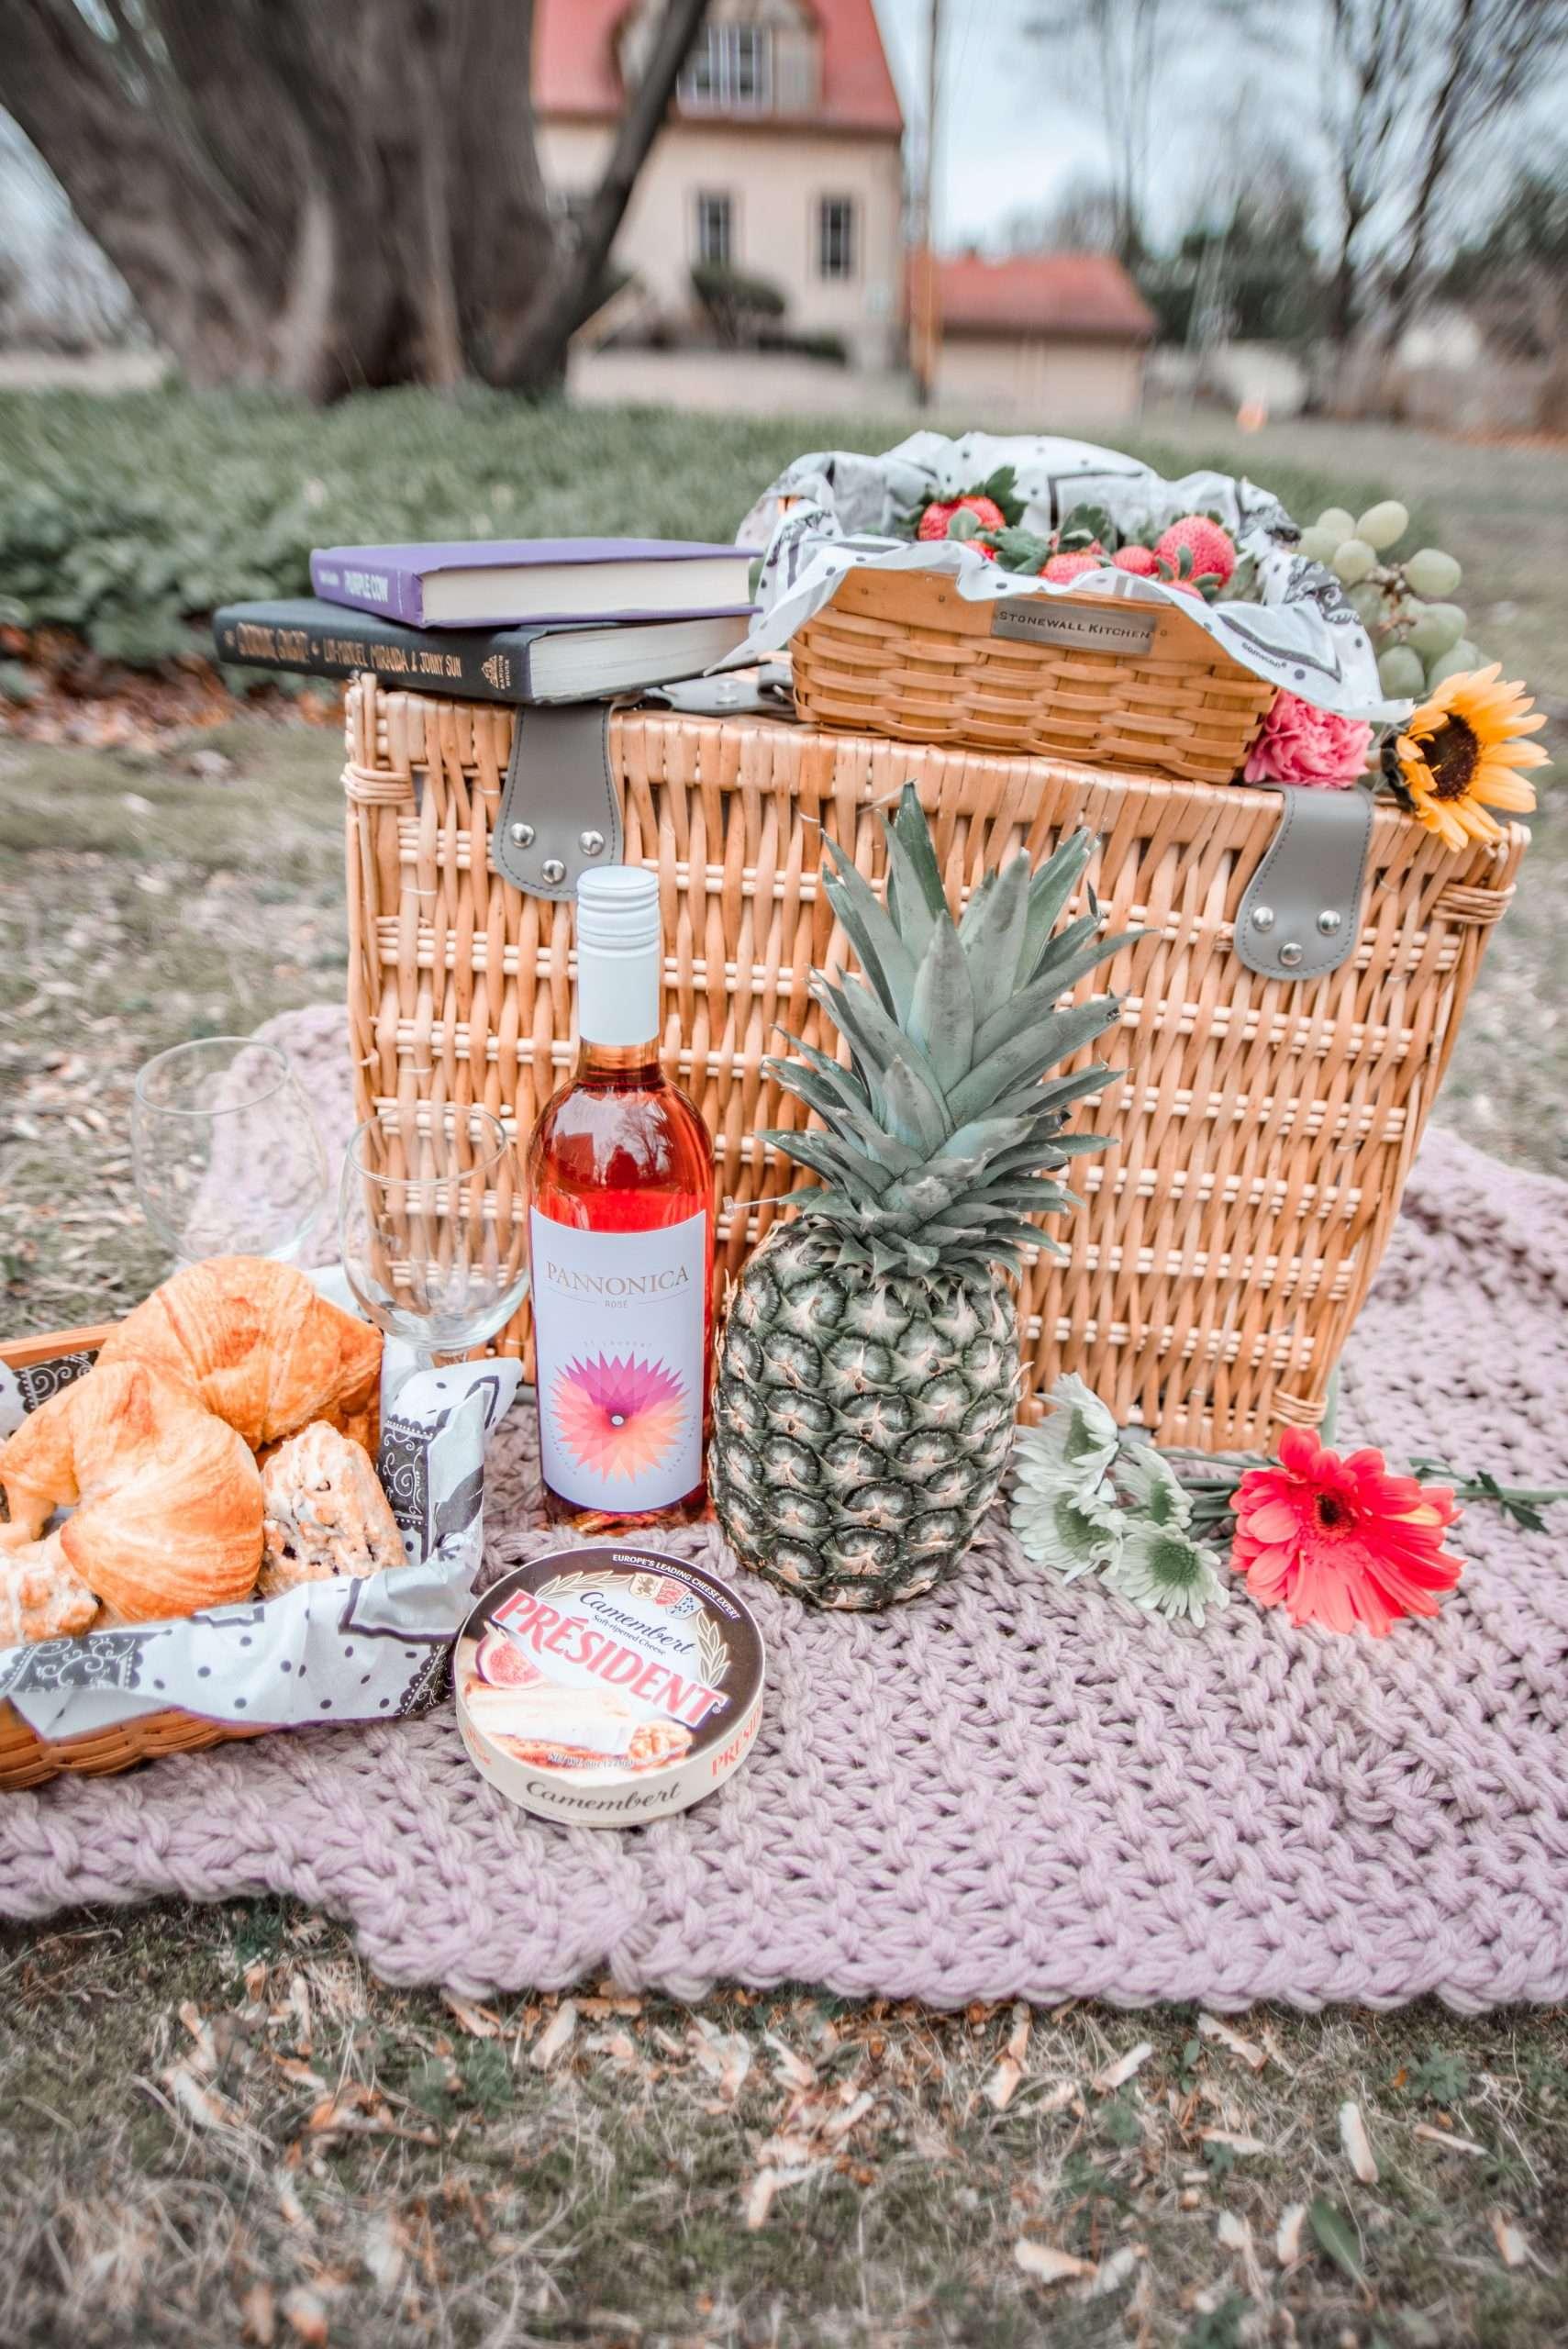 pretty picnic basket set-up